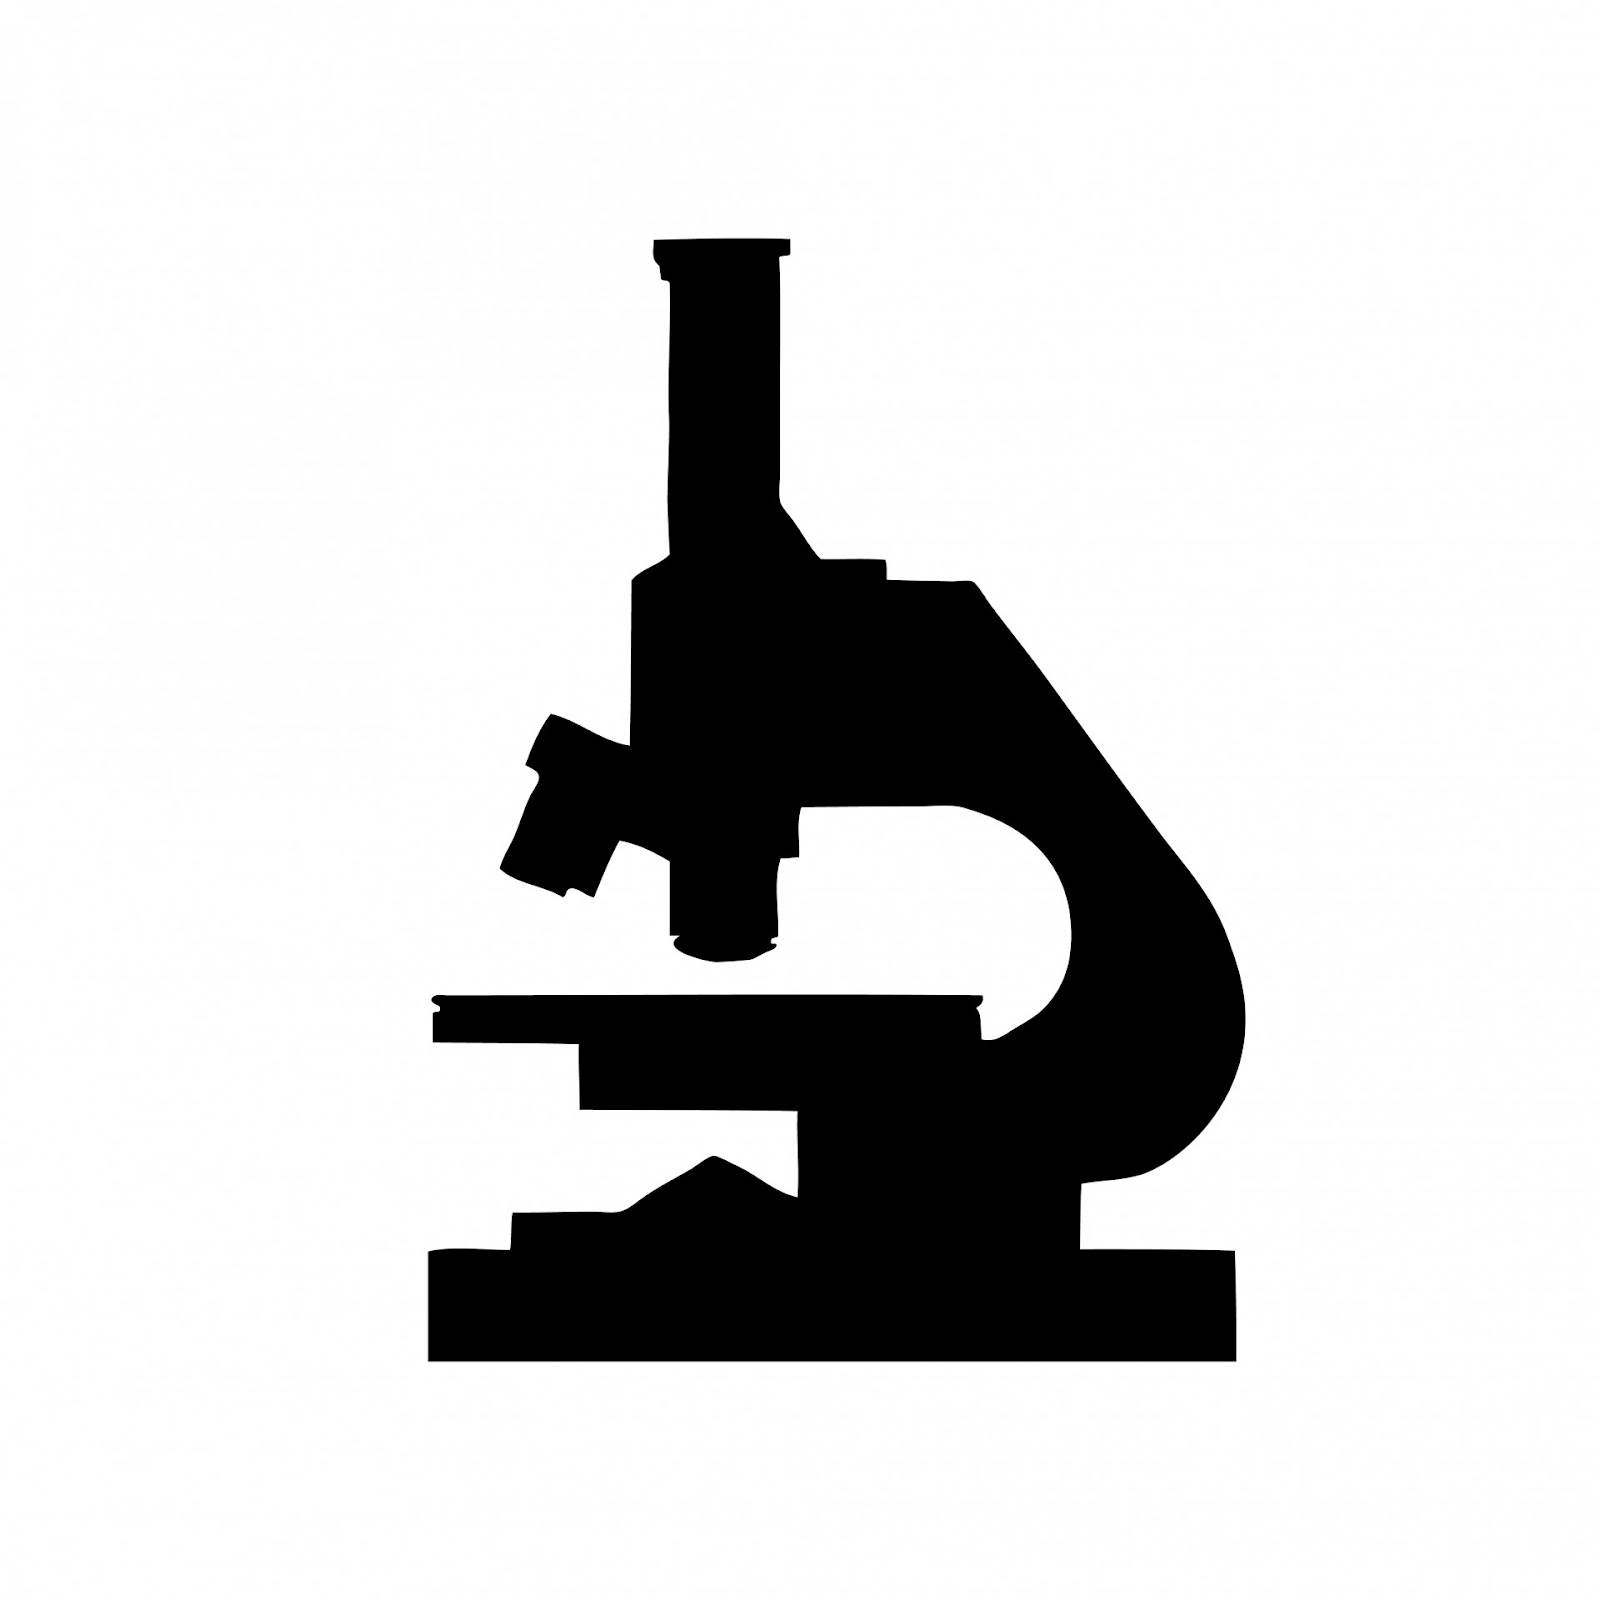 Microscope Silhouette Clipart